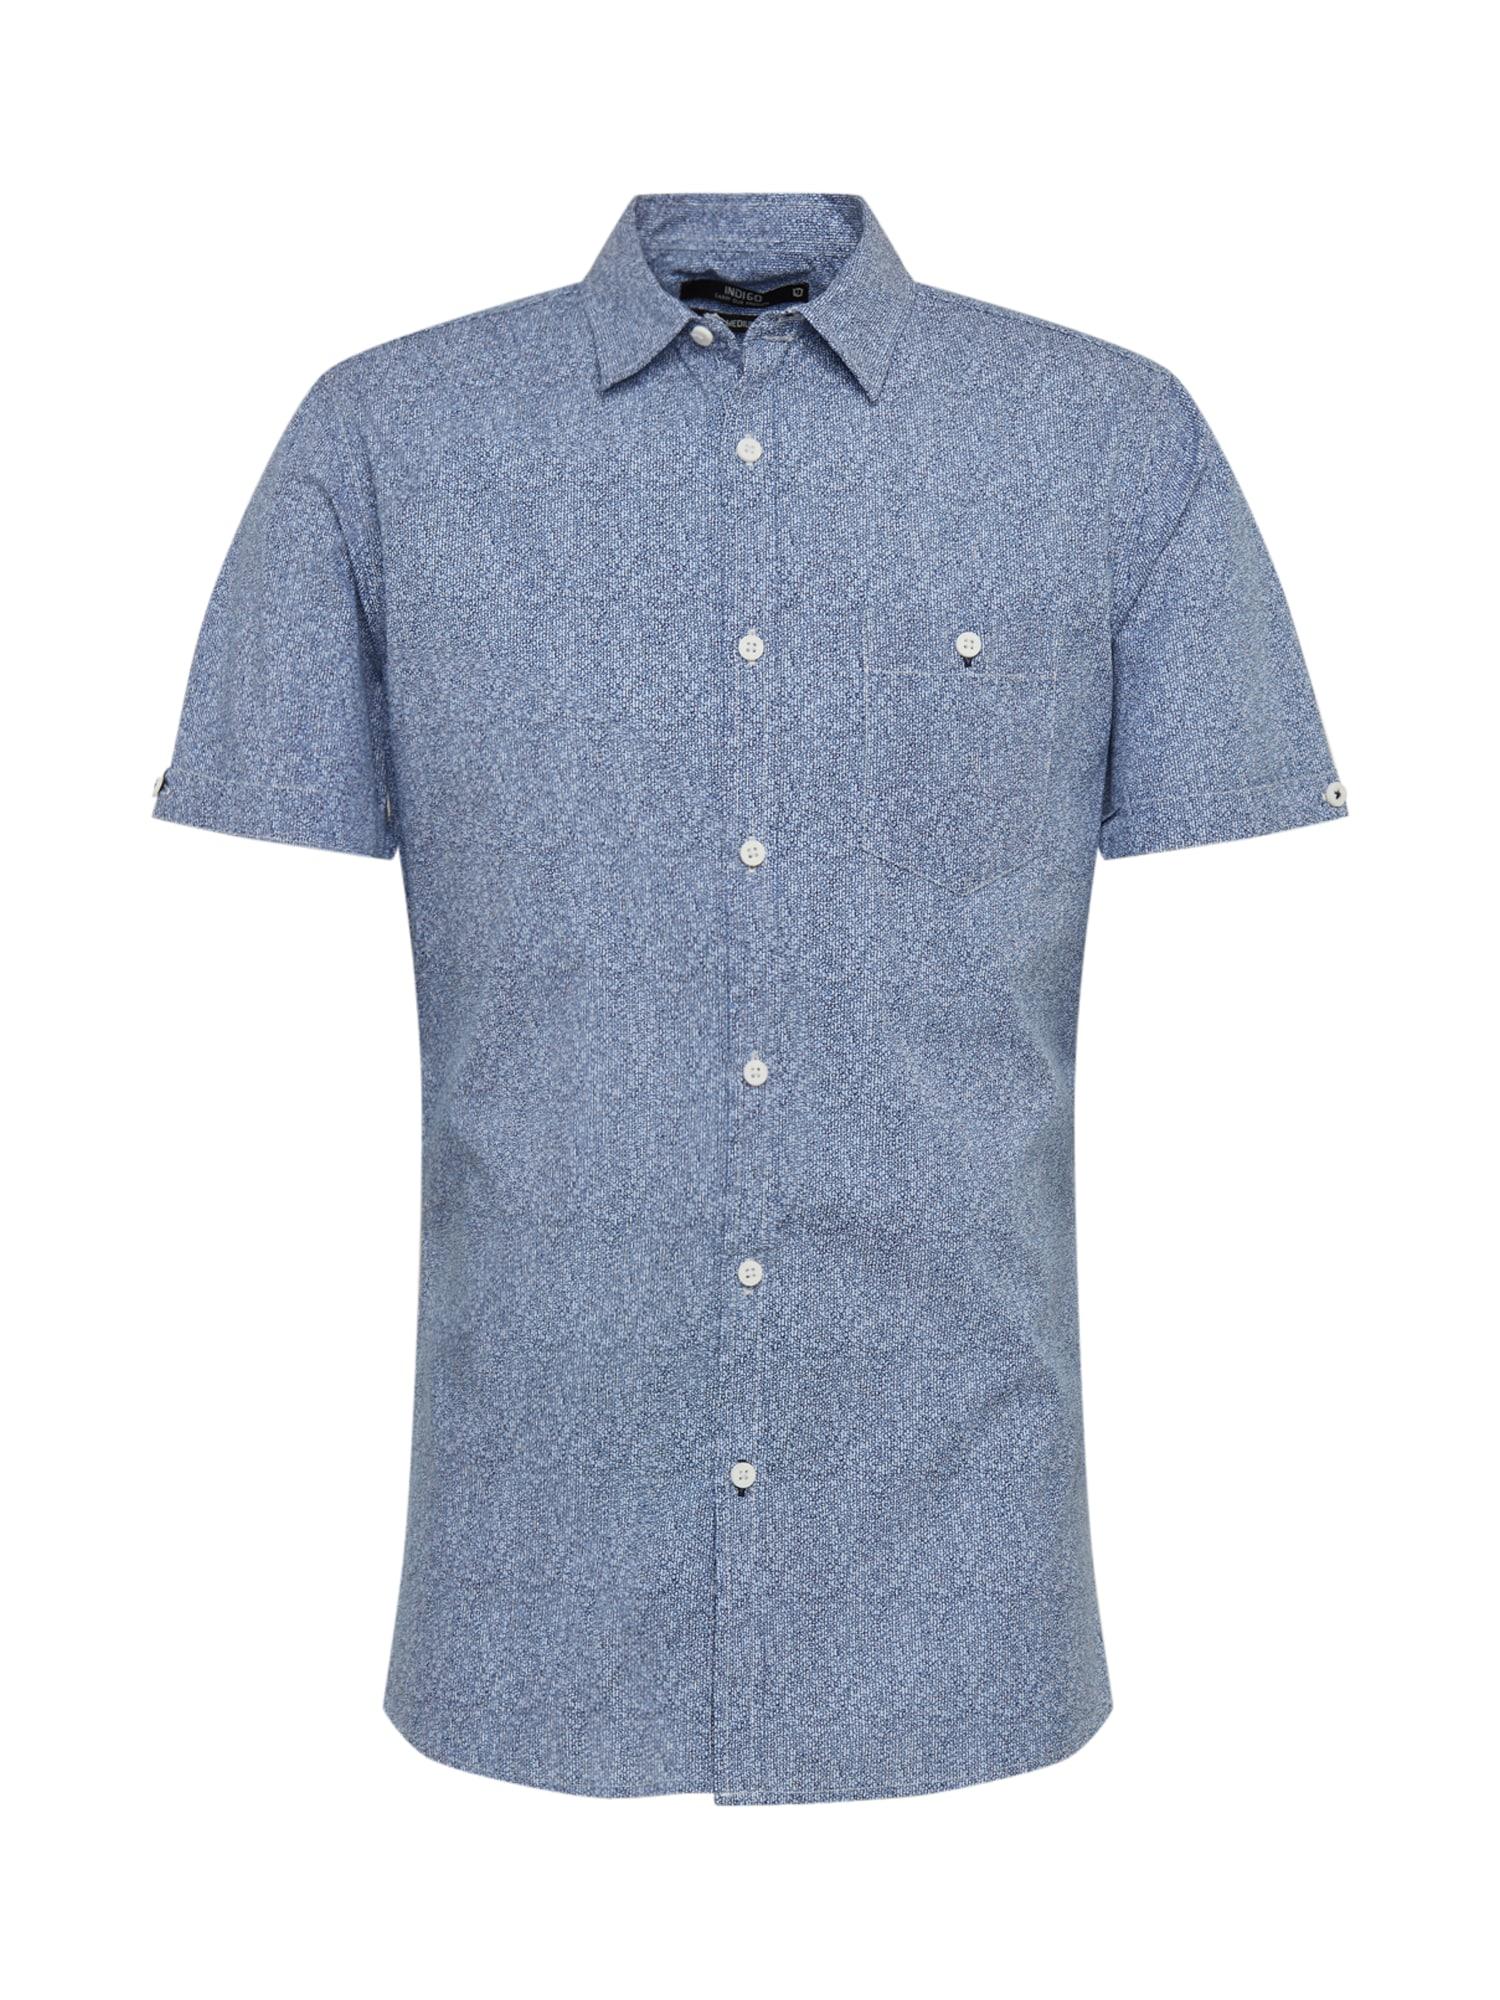 INDICODE JEANS Marškiniai